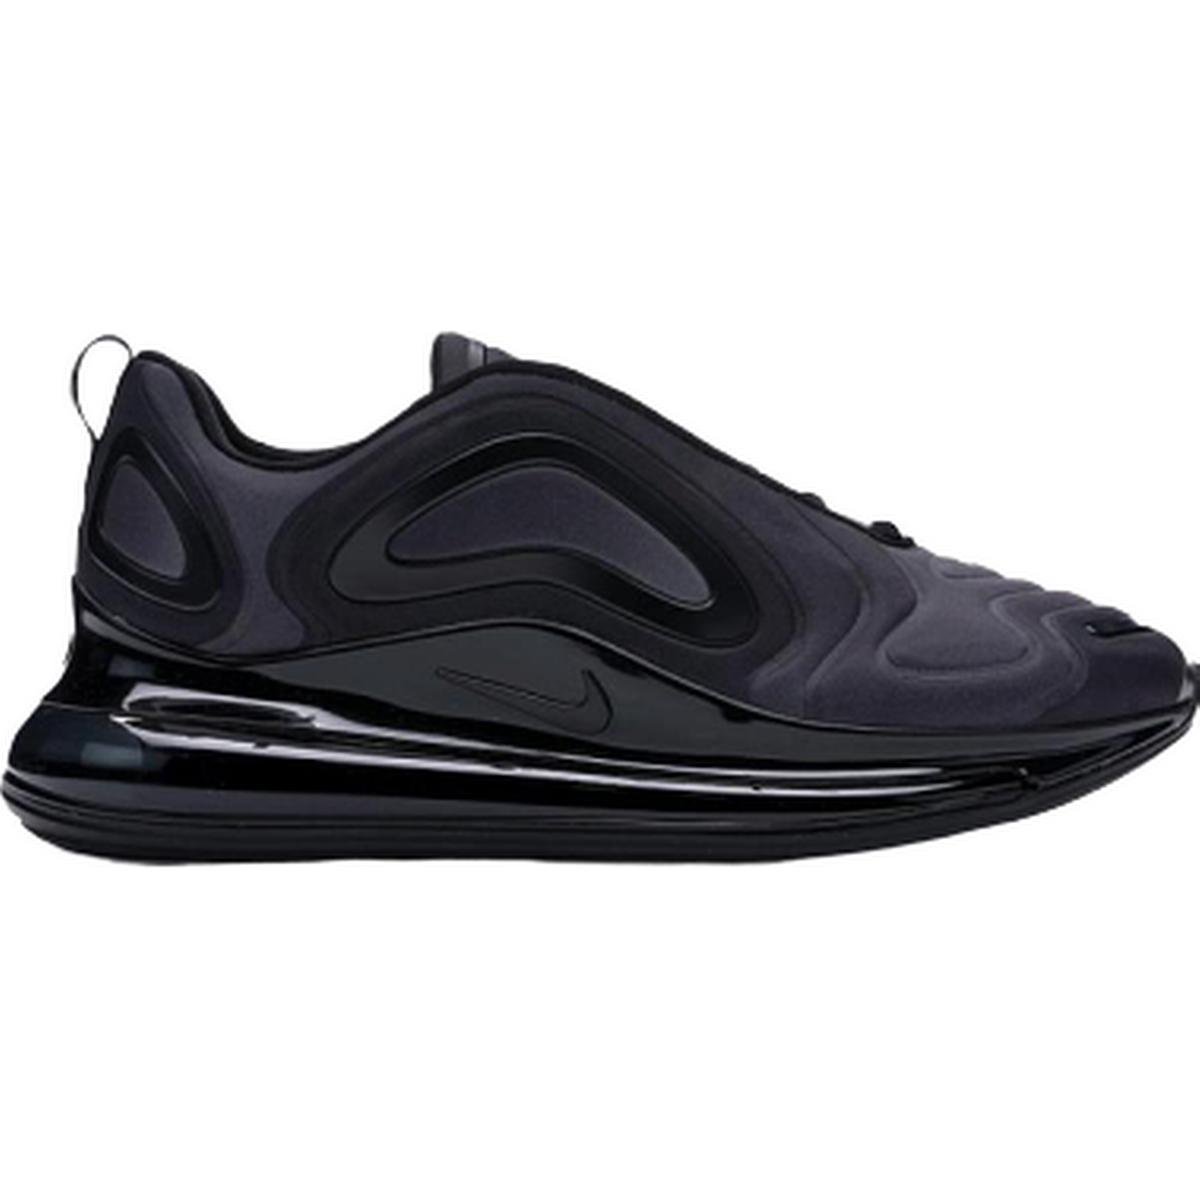 Air max 720 sneakers • Hitta det lägsta priset hos